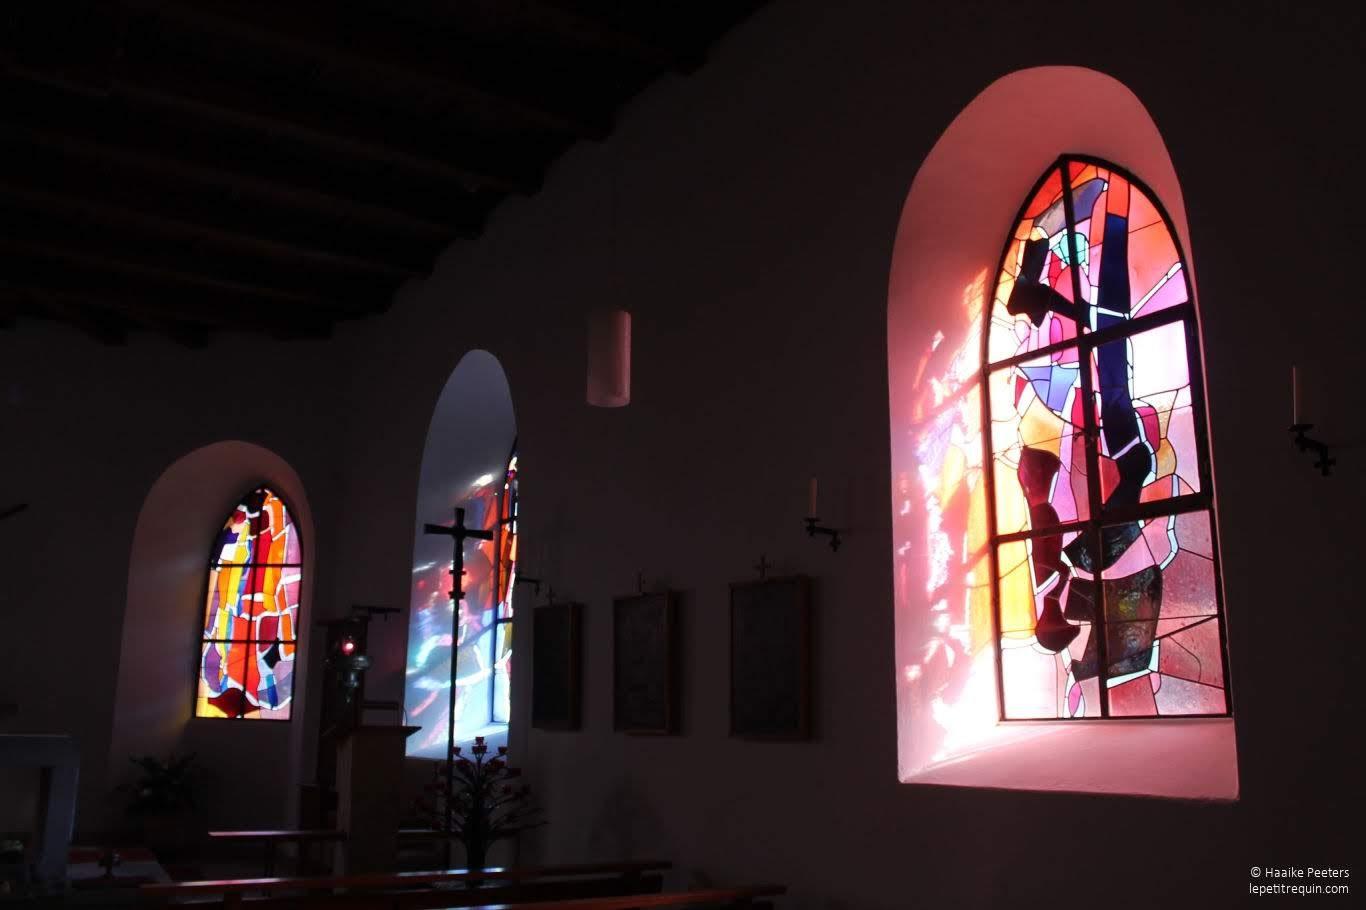 Eglise de Soubey (Le petit requin)